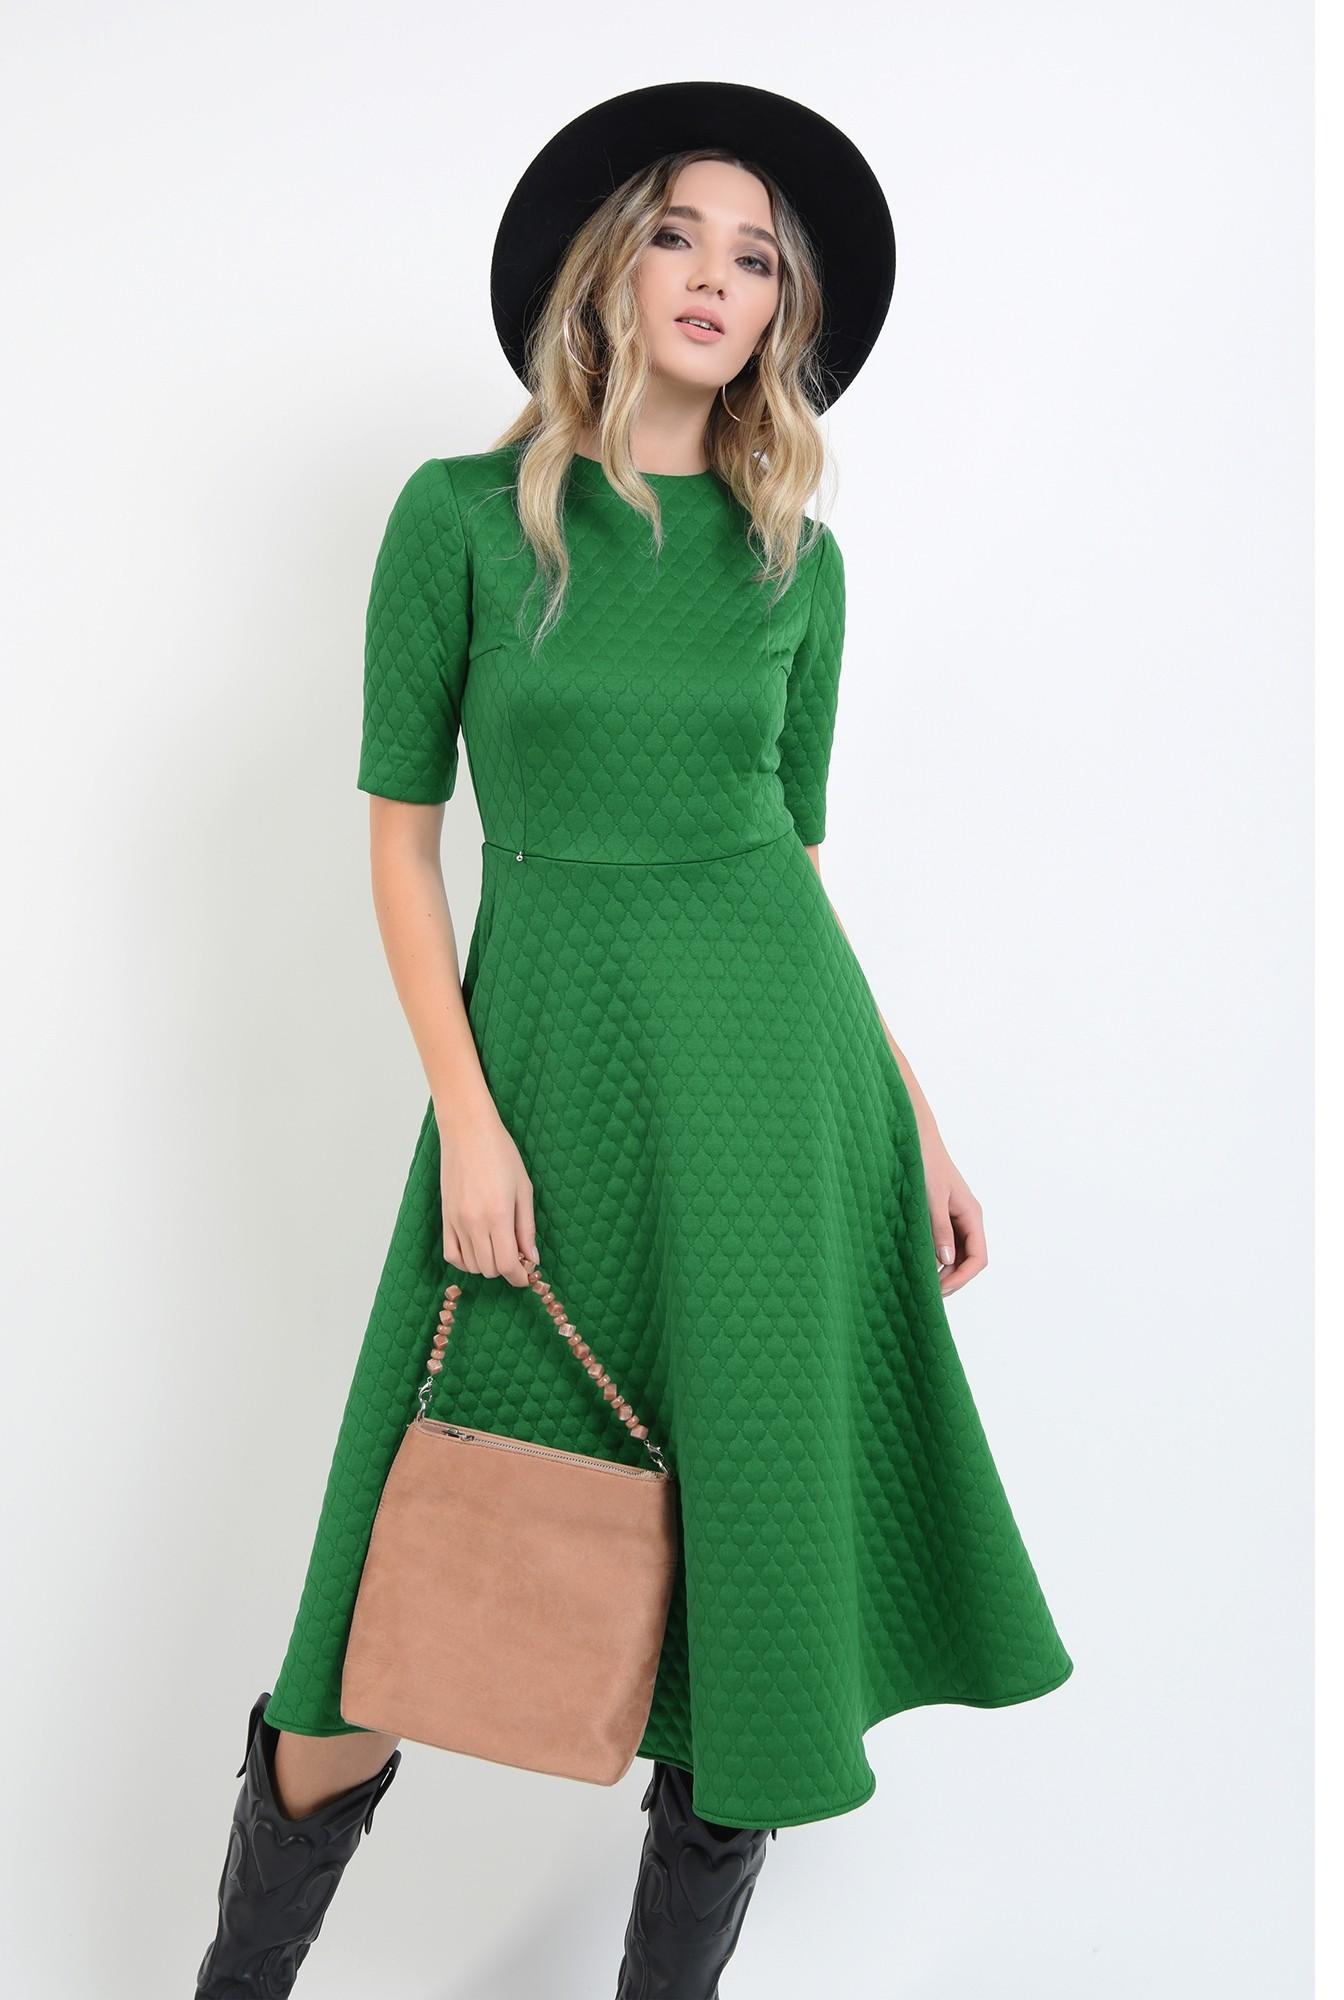 0 - rochie evazata, verde, midi, cu maneca scurta